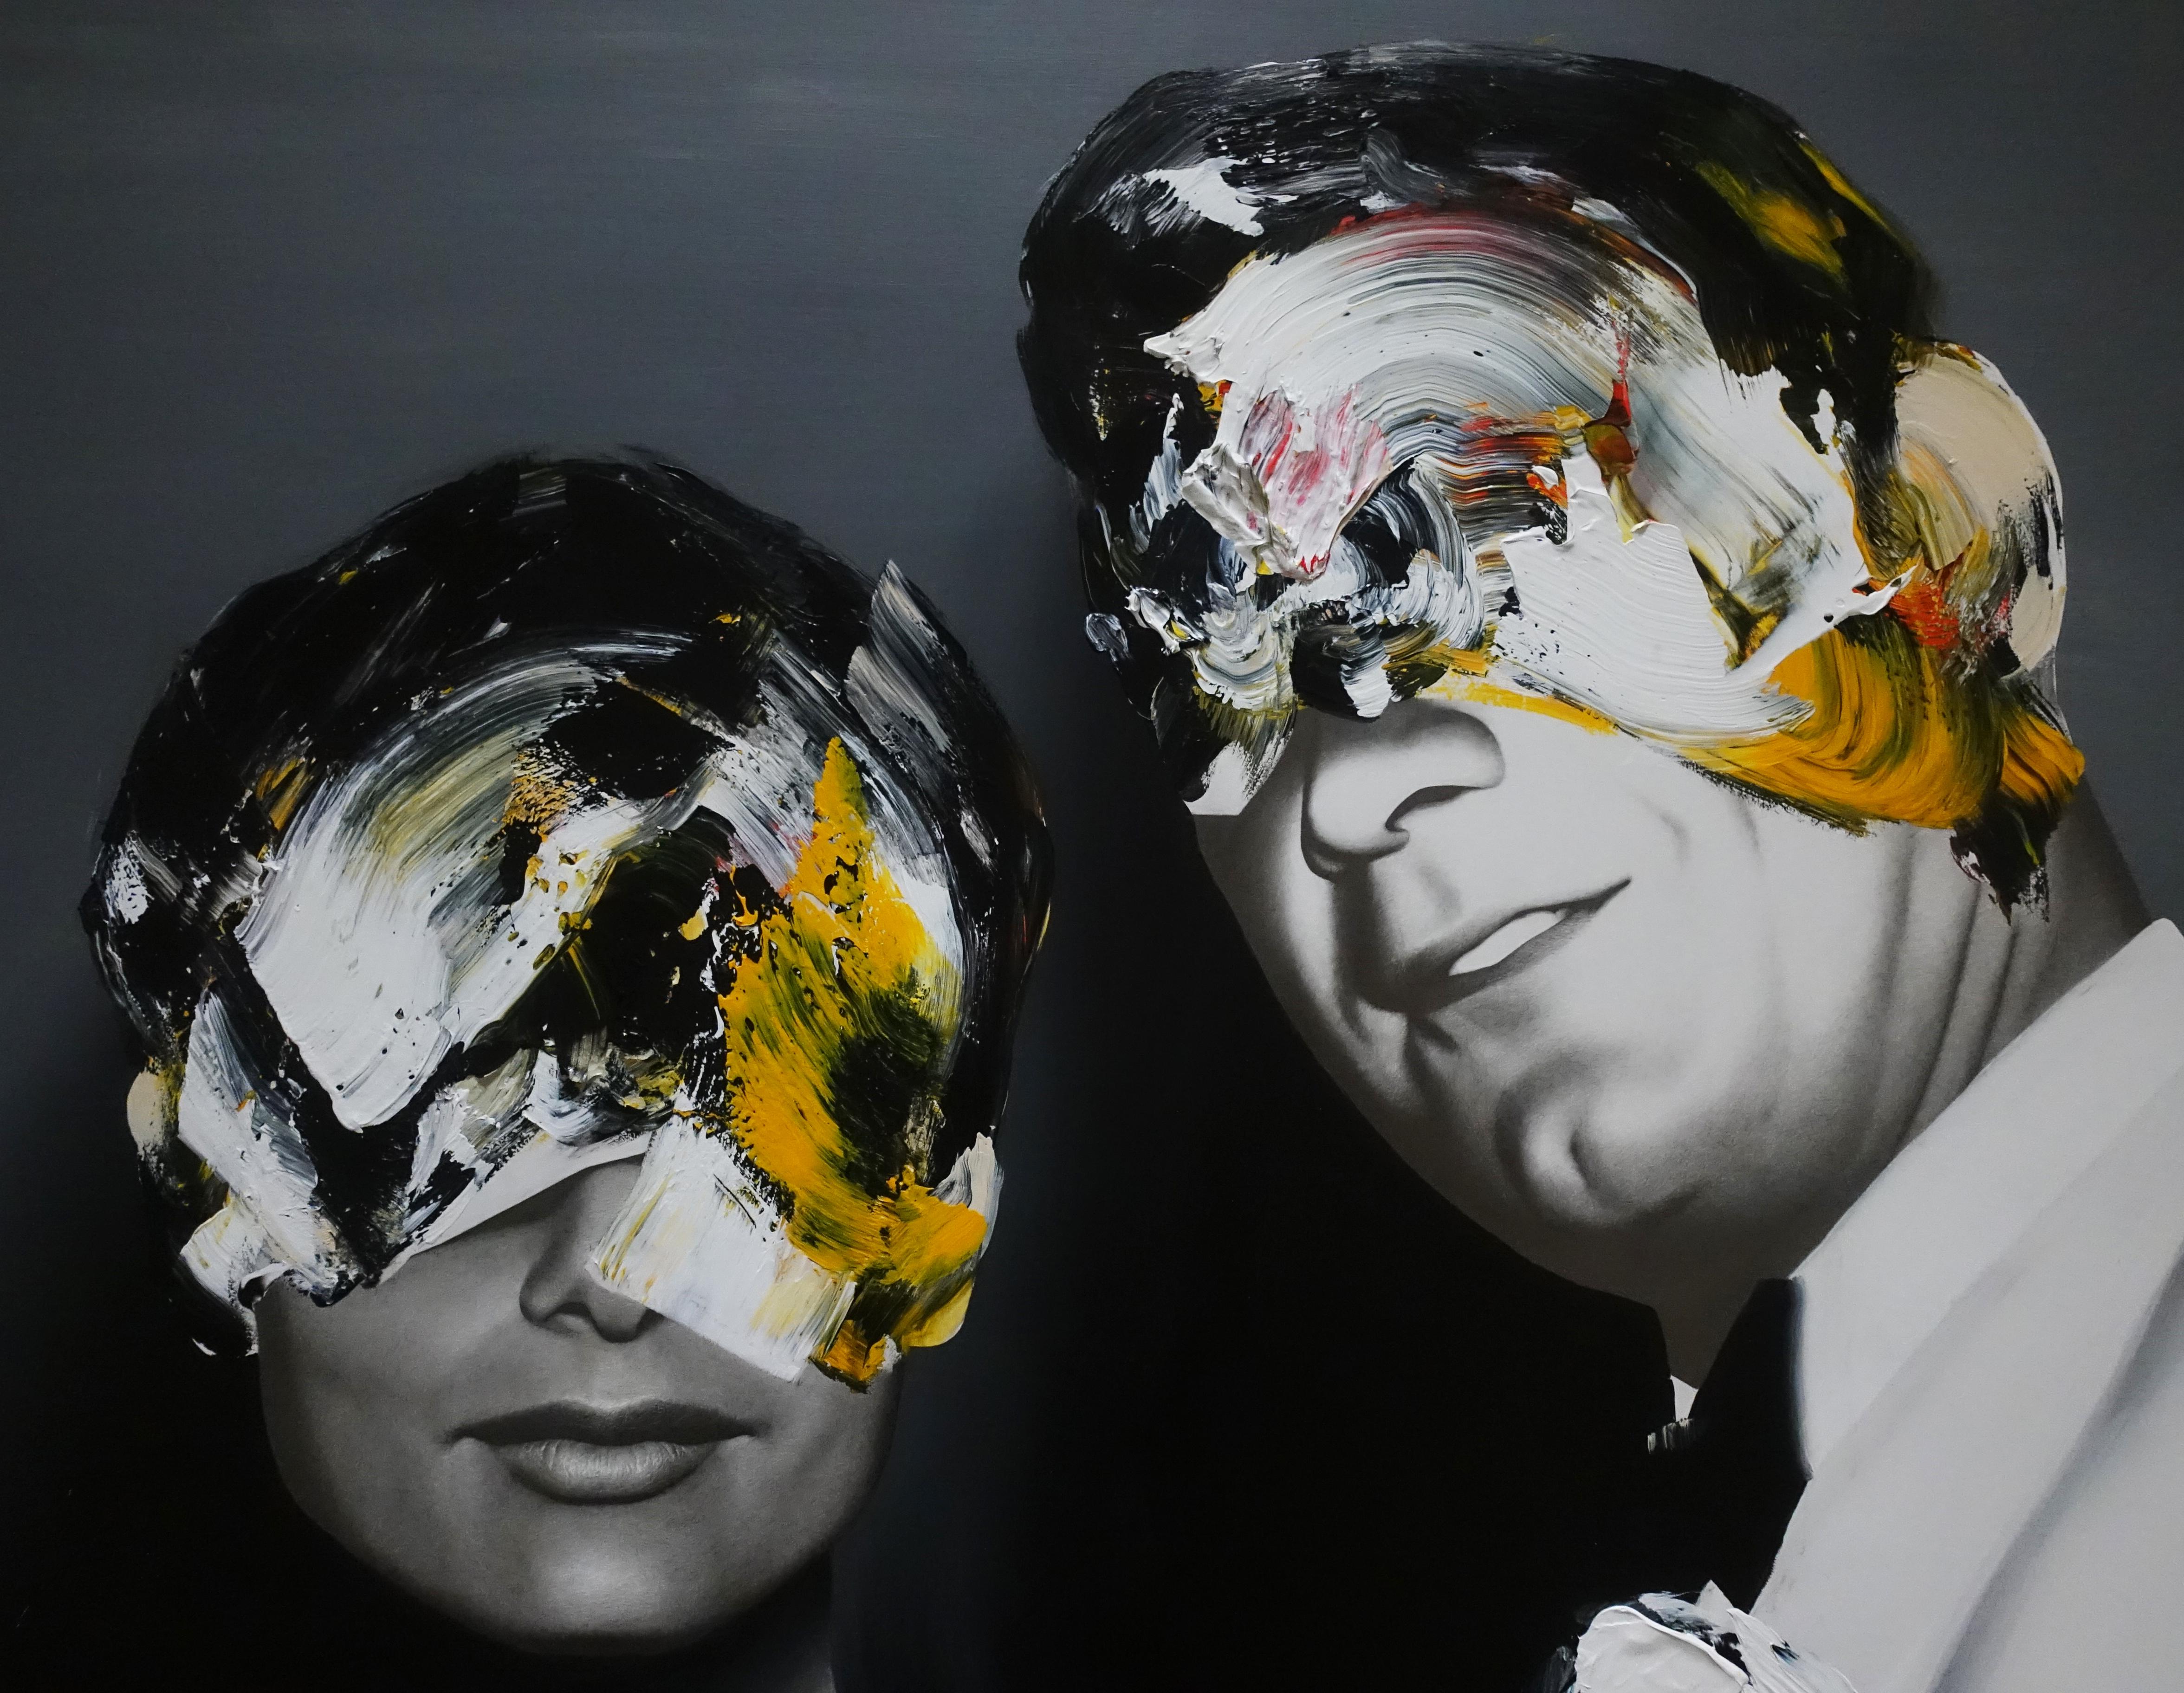 佐藤誠高,《Lover》細節,140 x 107 cm,鉛筆、壓克力、紙、木板,2019。